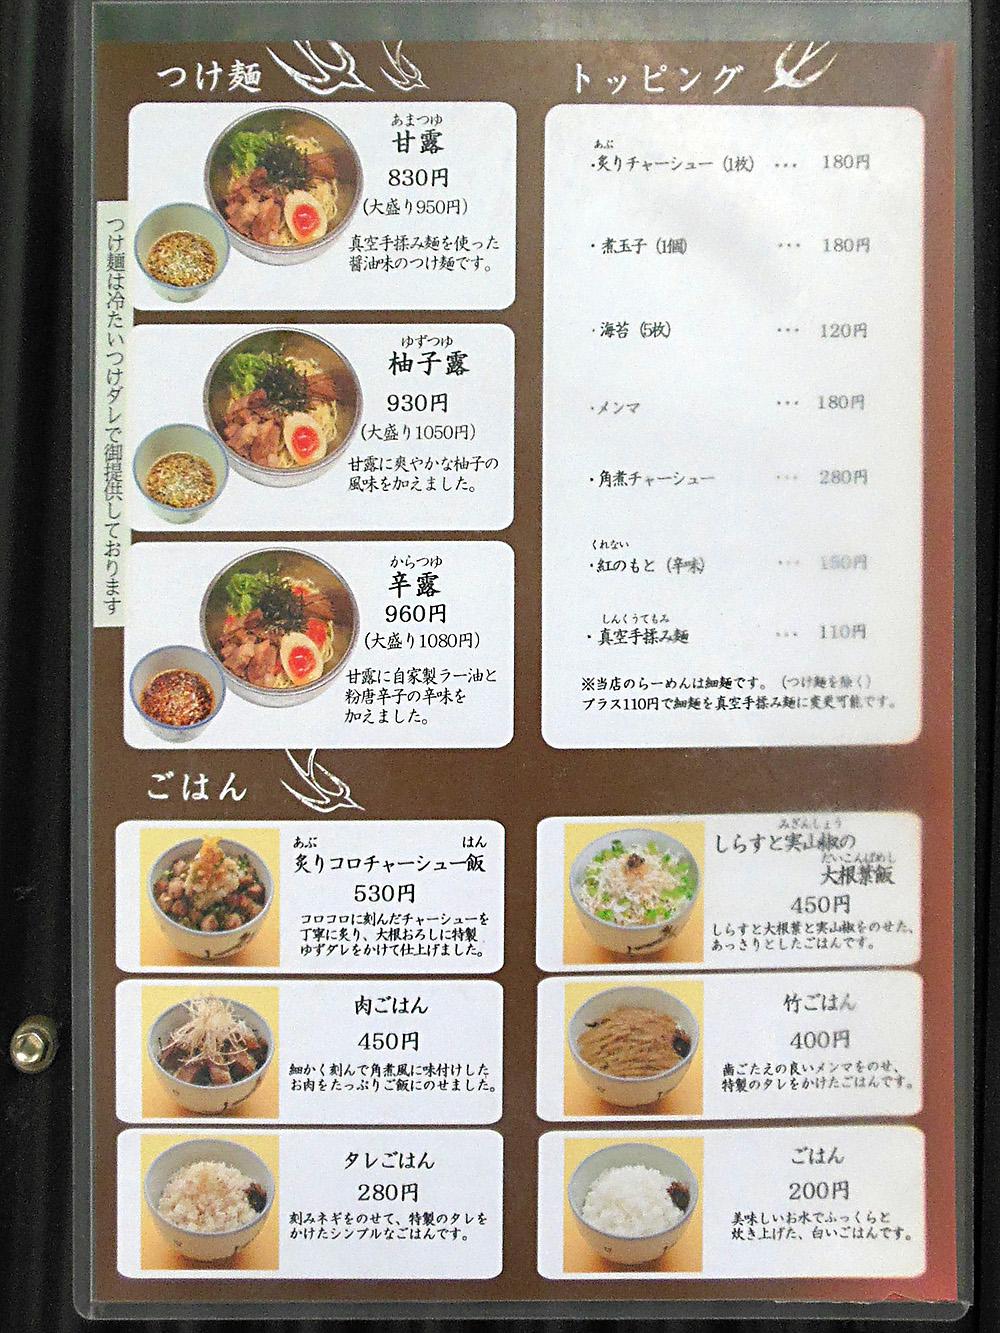 メニュー2 ZUND-BAR.jpg